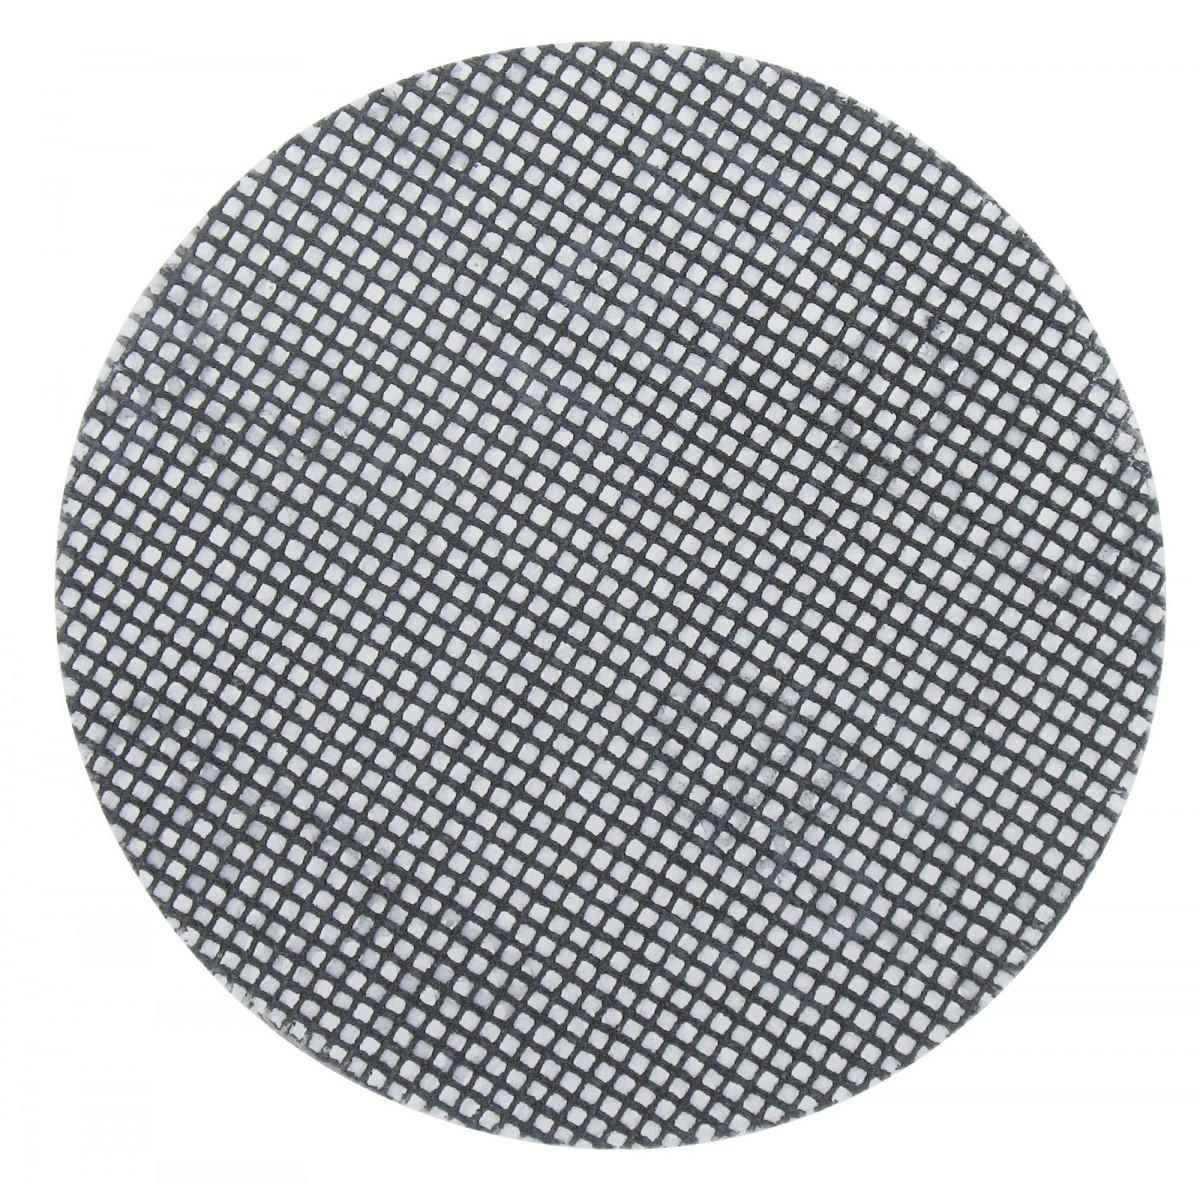 Disque maille auto-agrippant diamètre 225 mm SCID - Grain 80 - Vendu par 3